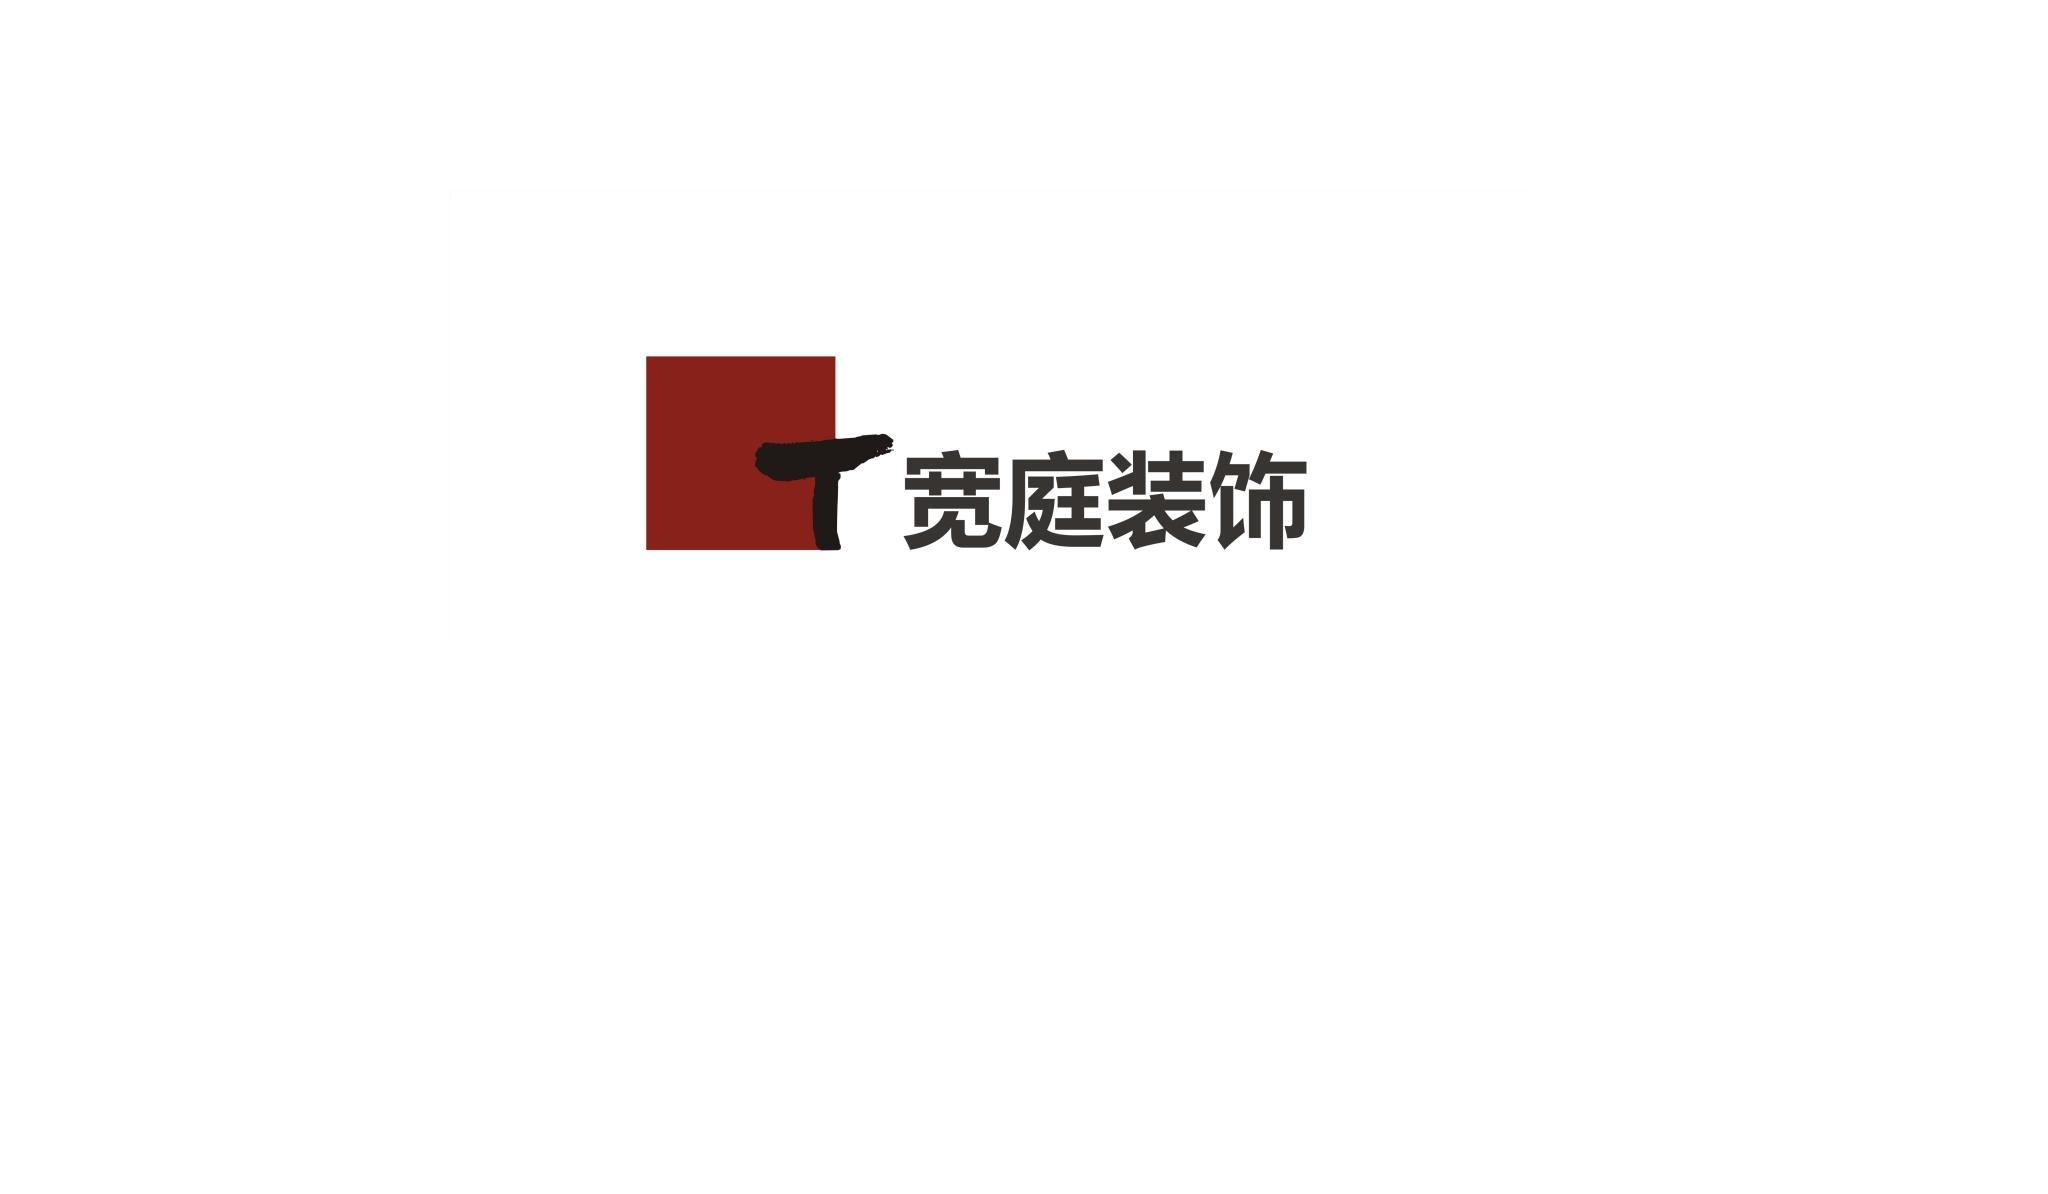 中山市宽庭装饰设计工程有限公司_才通国际人才网_job001.cn